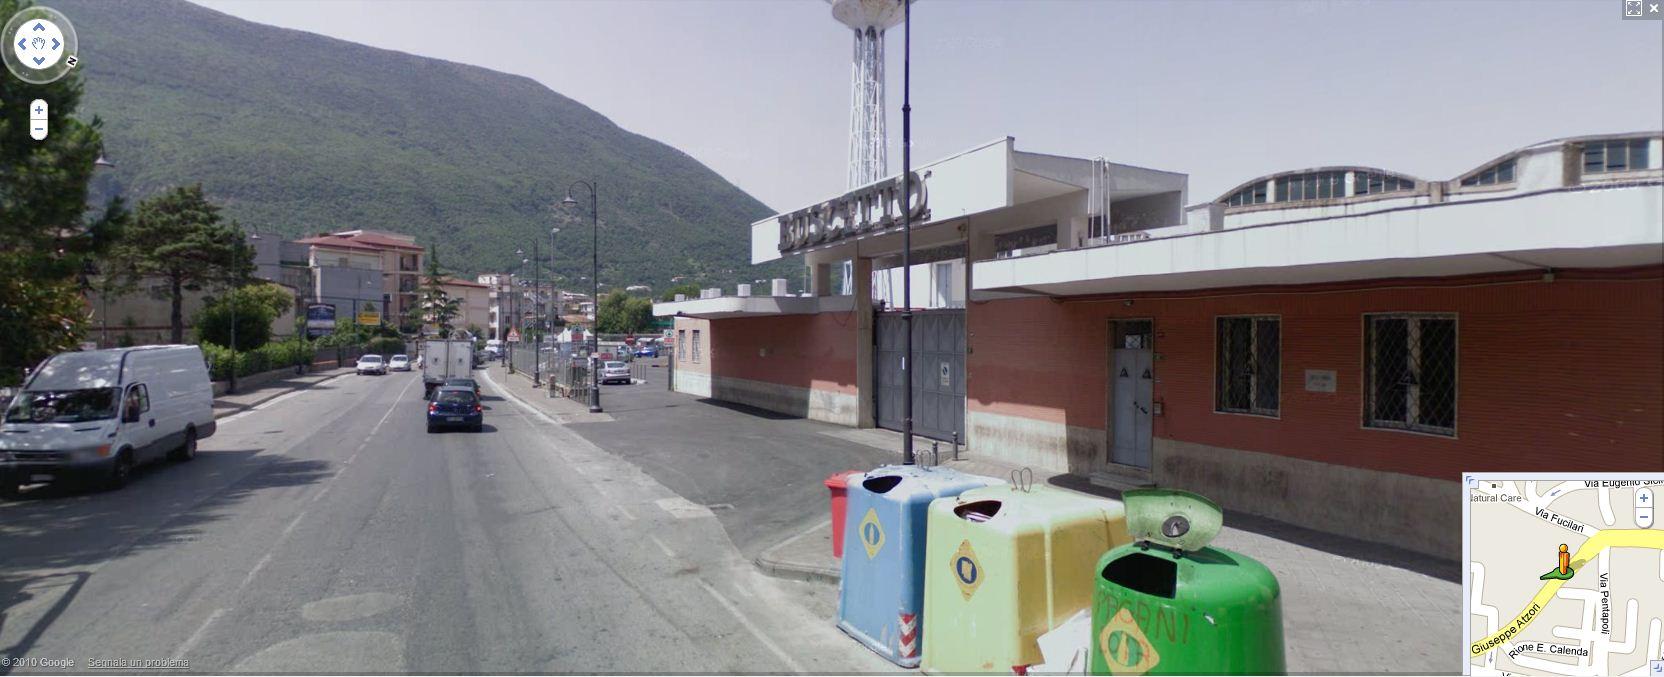 Autobus napoli roma firenze bologna milano for Sud arredi nocera superiore